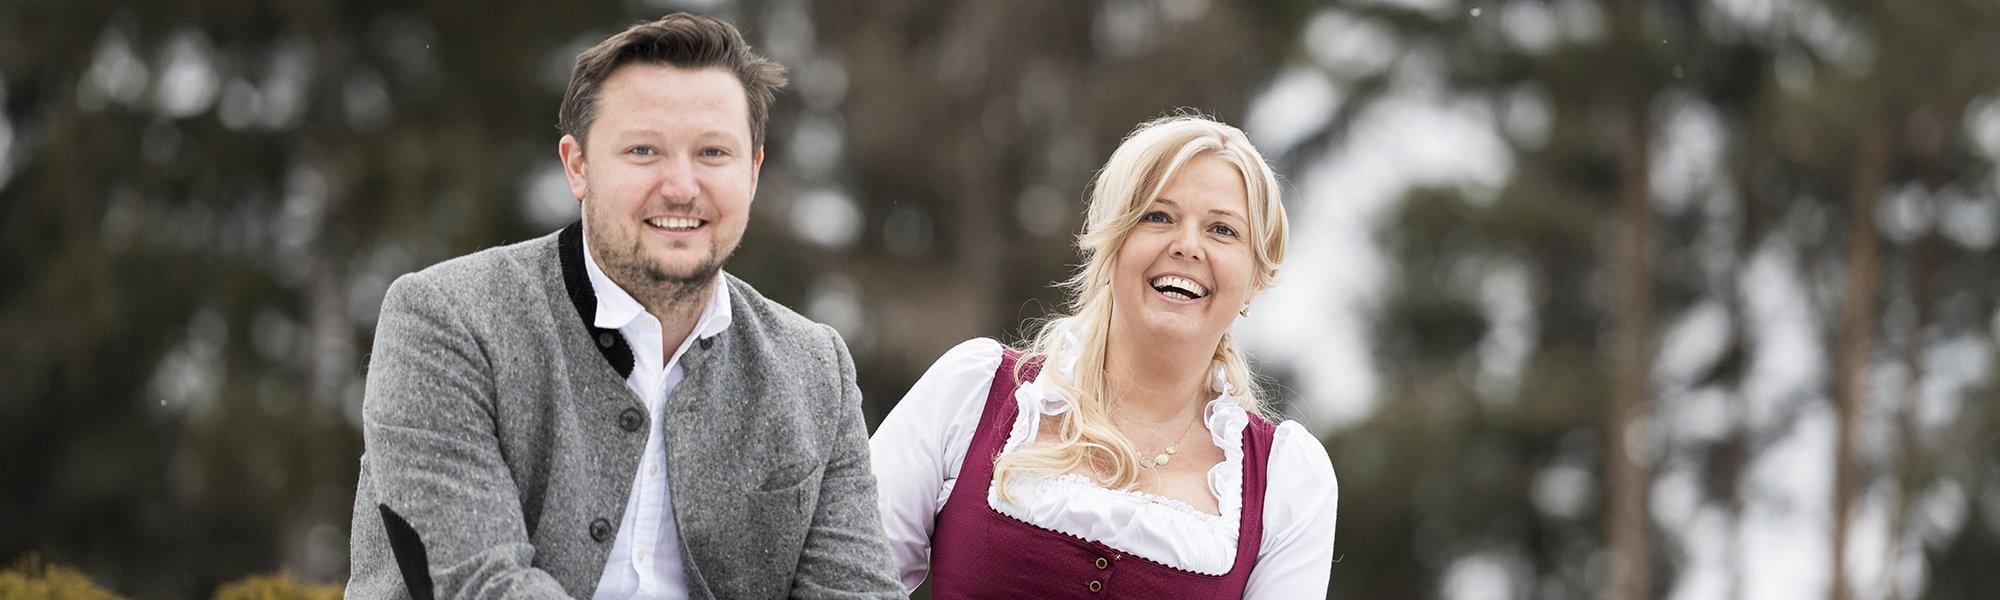 Proprietari Gnollhof Margit e Peter Verginer